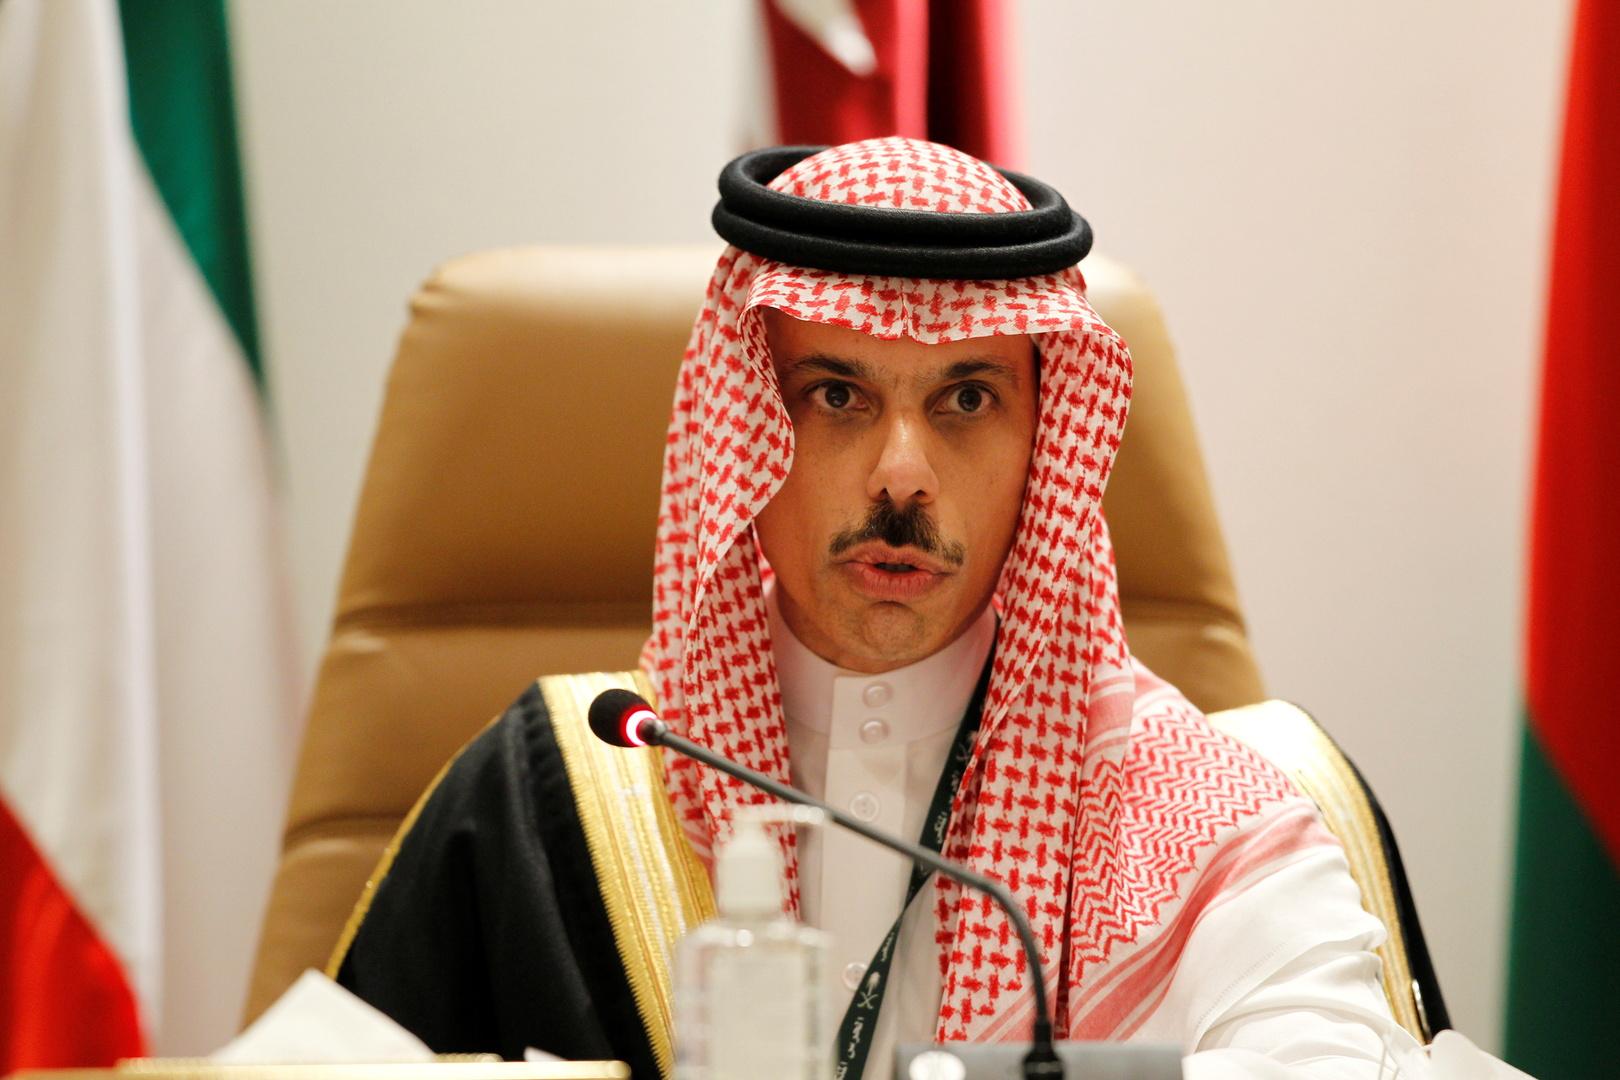 وزير الخارجية السعودي، الأمير فيصل بن فرحان آل سعود.